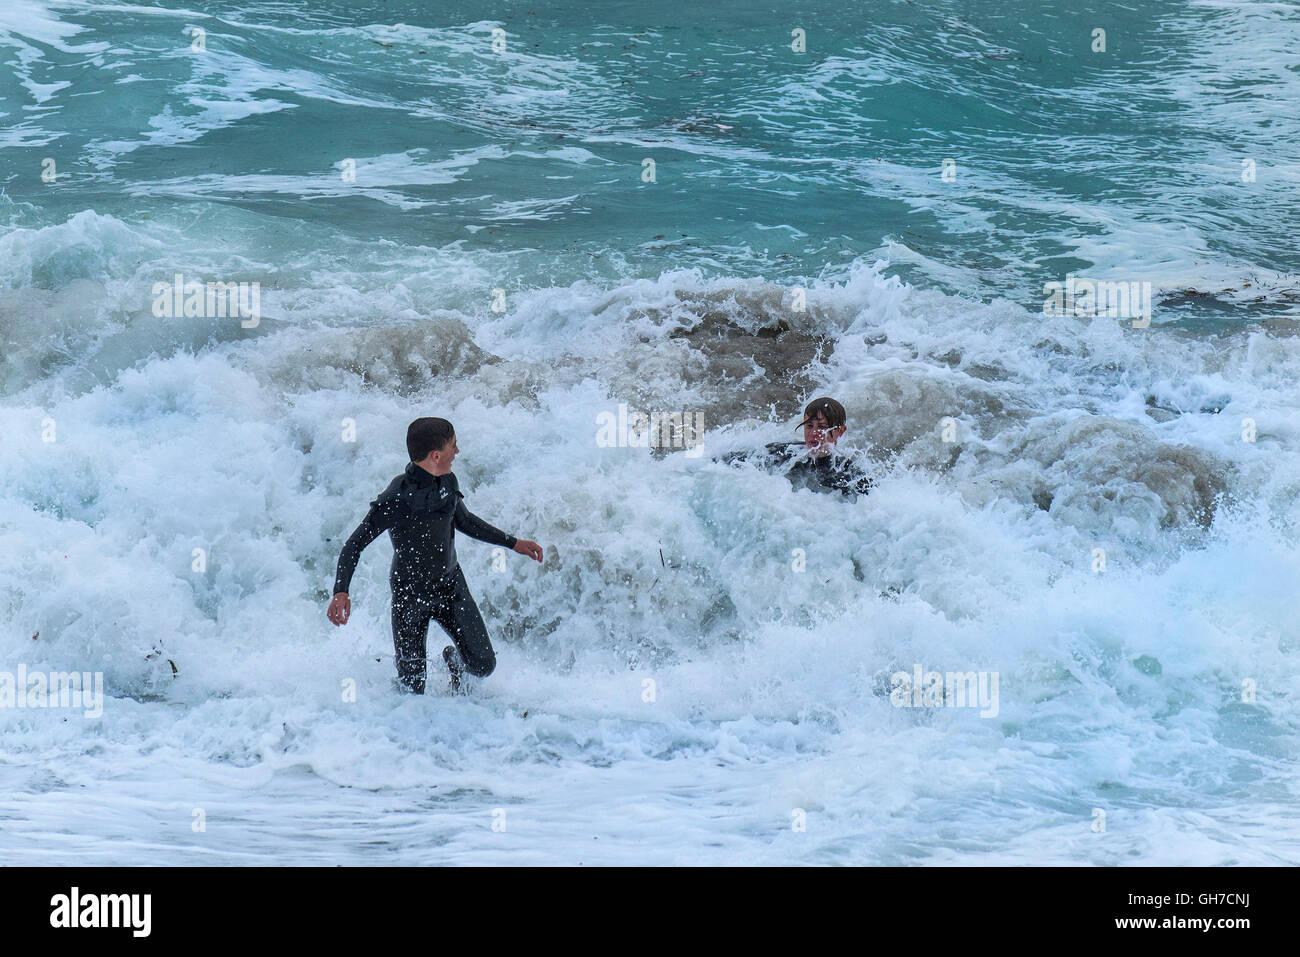 Deux adolescents jouant dans les vagues très approximative. Photo Stock